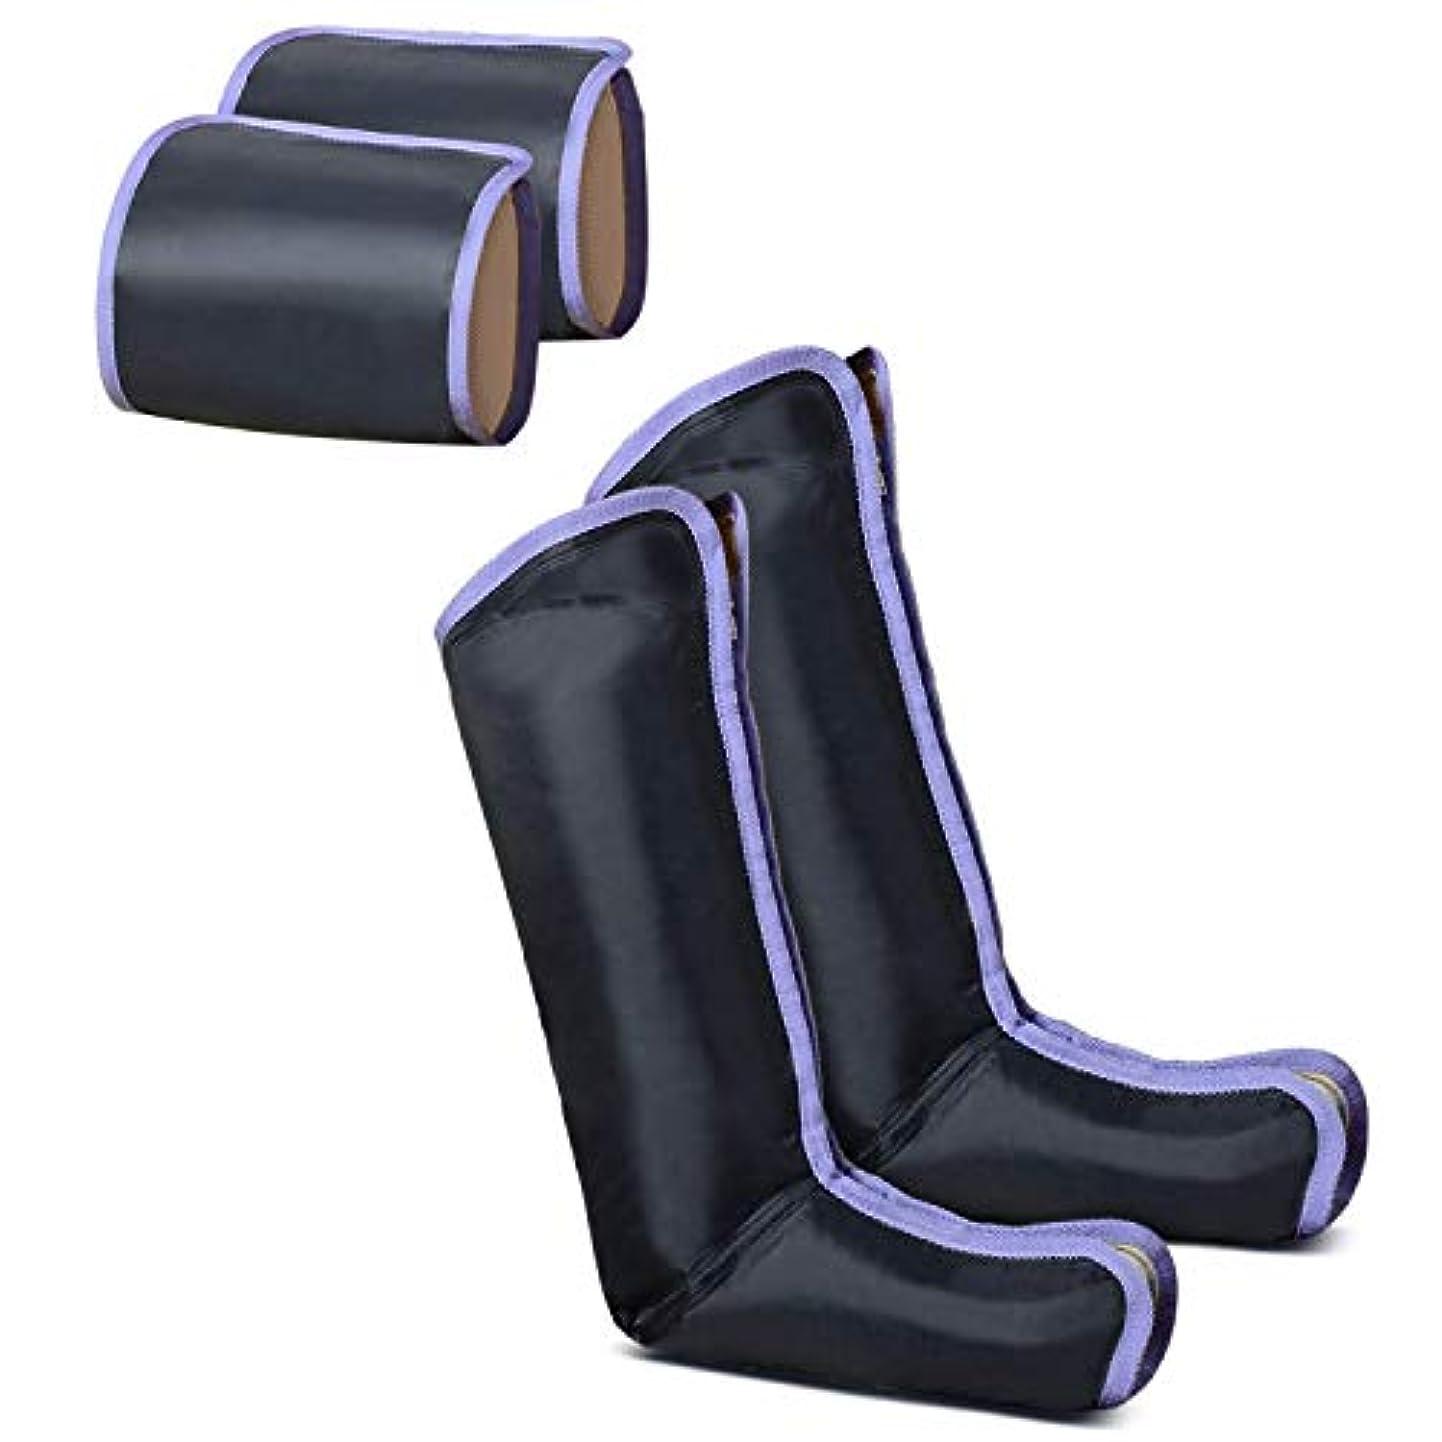 と闘う義務づけるジョガーFITIC  エアーマッサージャー レッグリフレ ひざ/太もも巻き対応 空気圧縮 温感機能搭載  一年保証